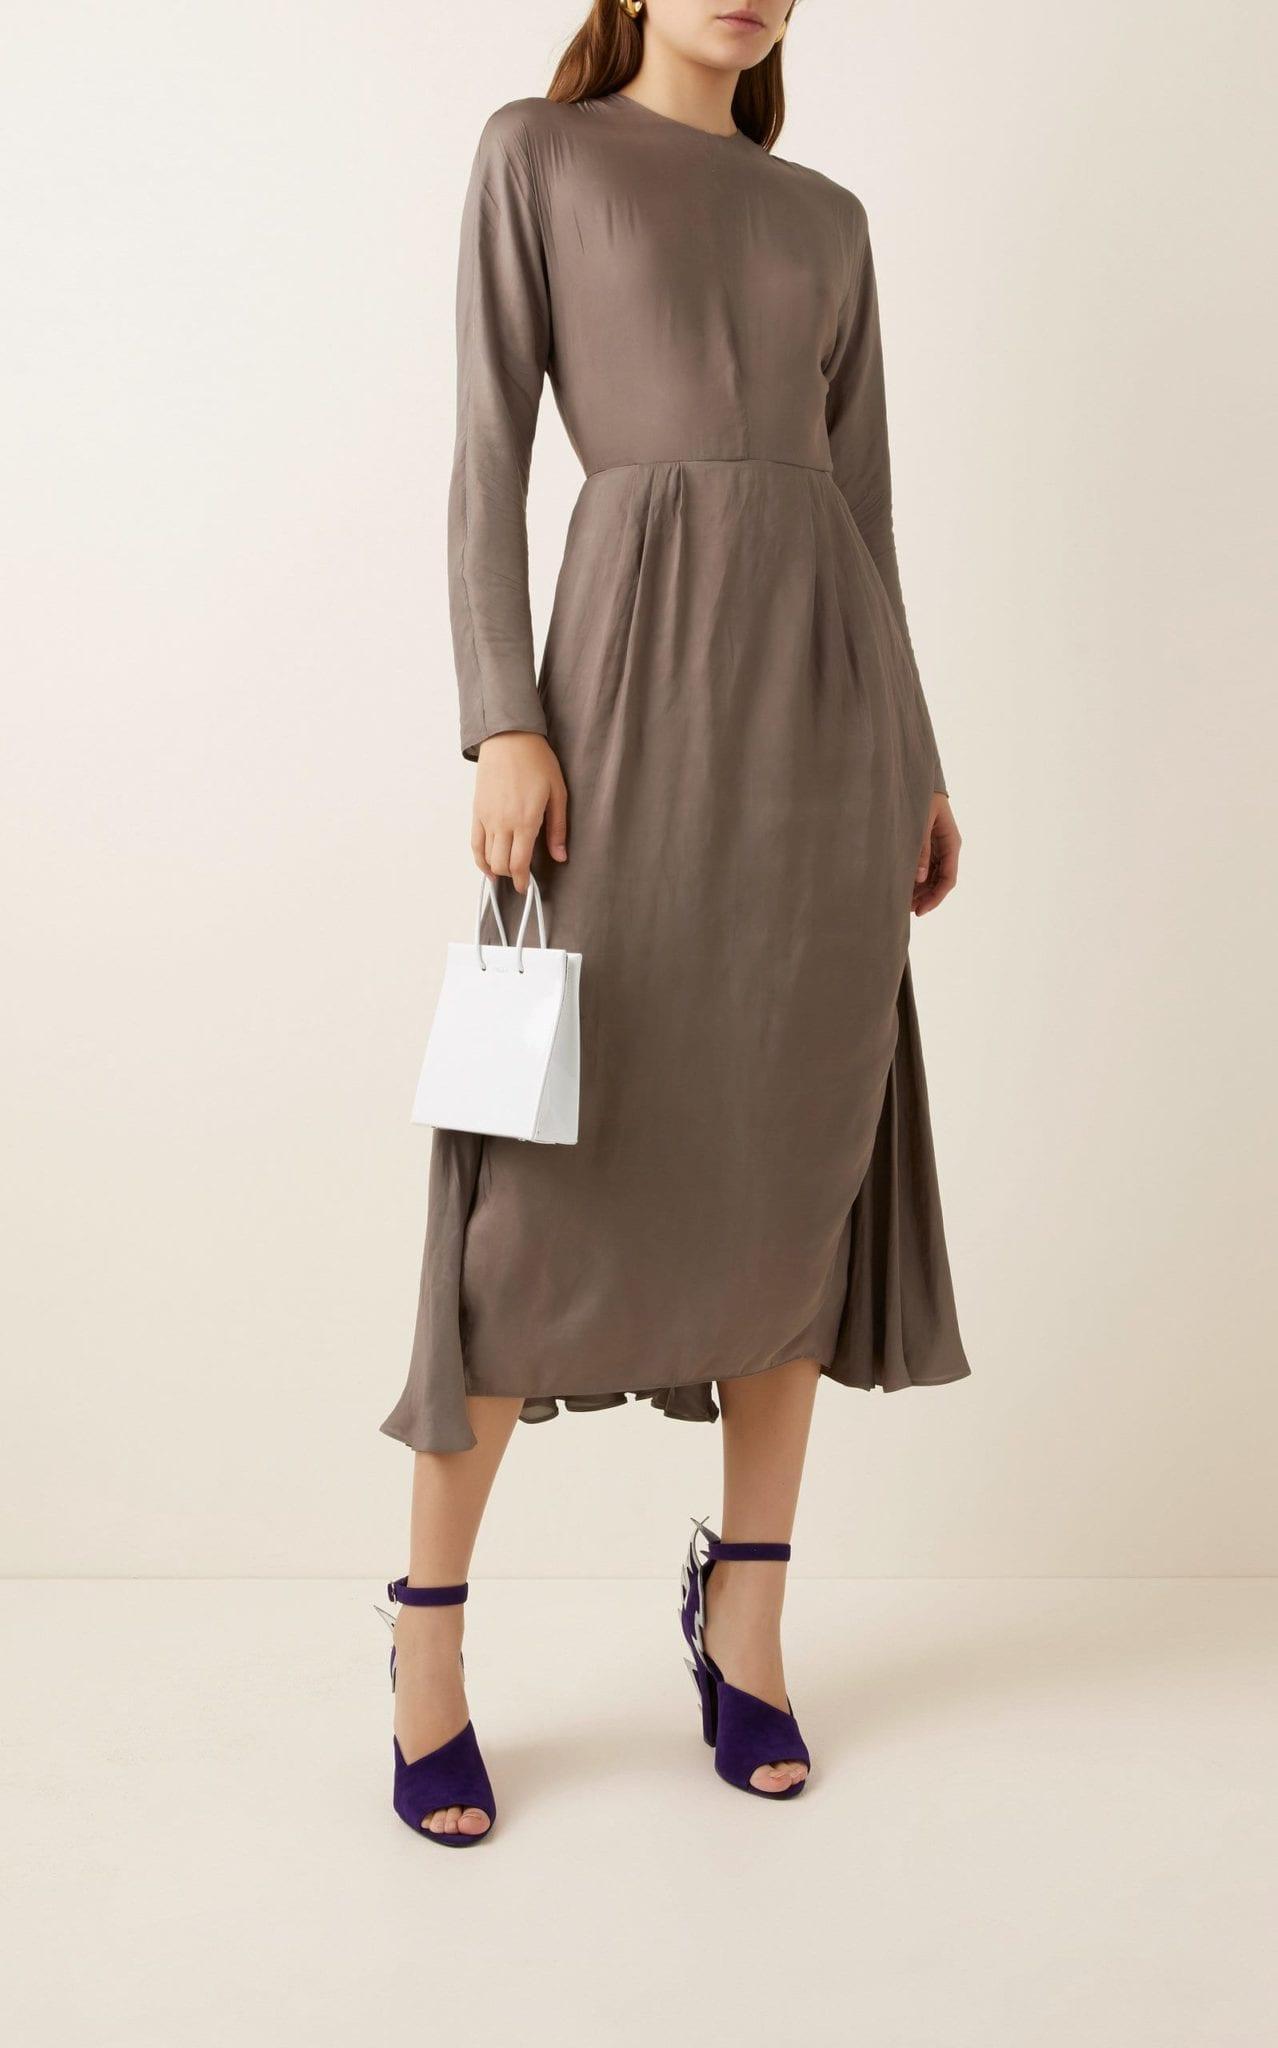 PRADA Pleated Chiffon Midi Dress